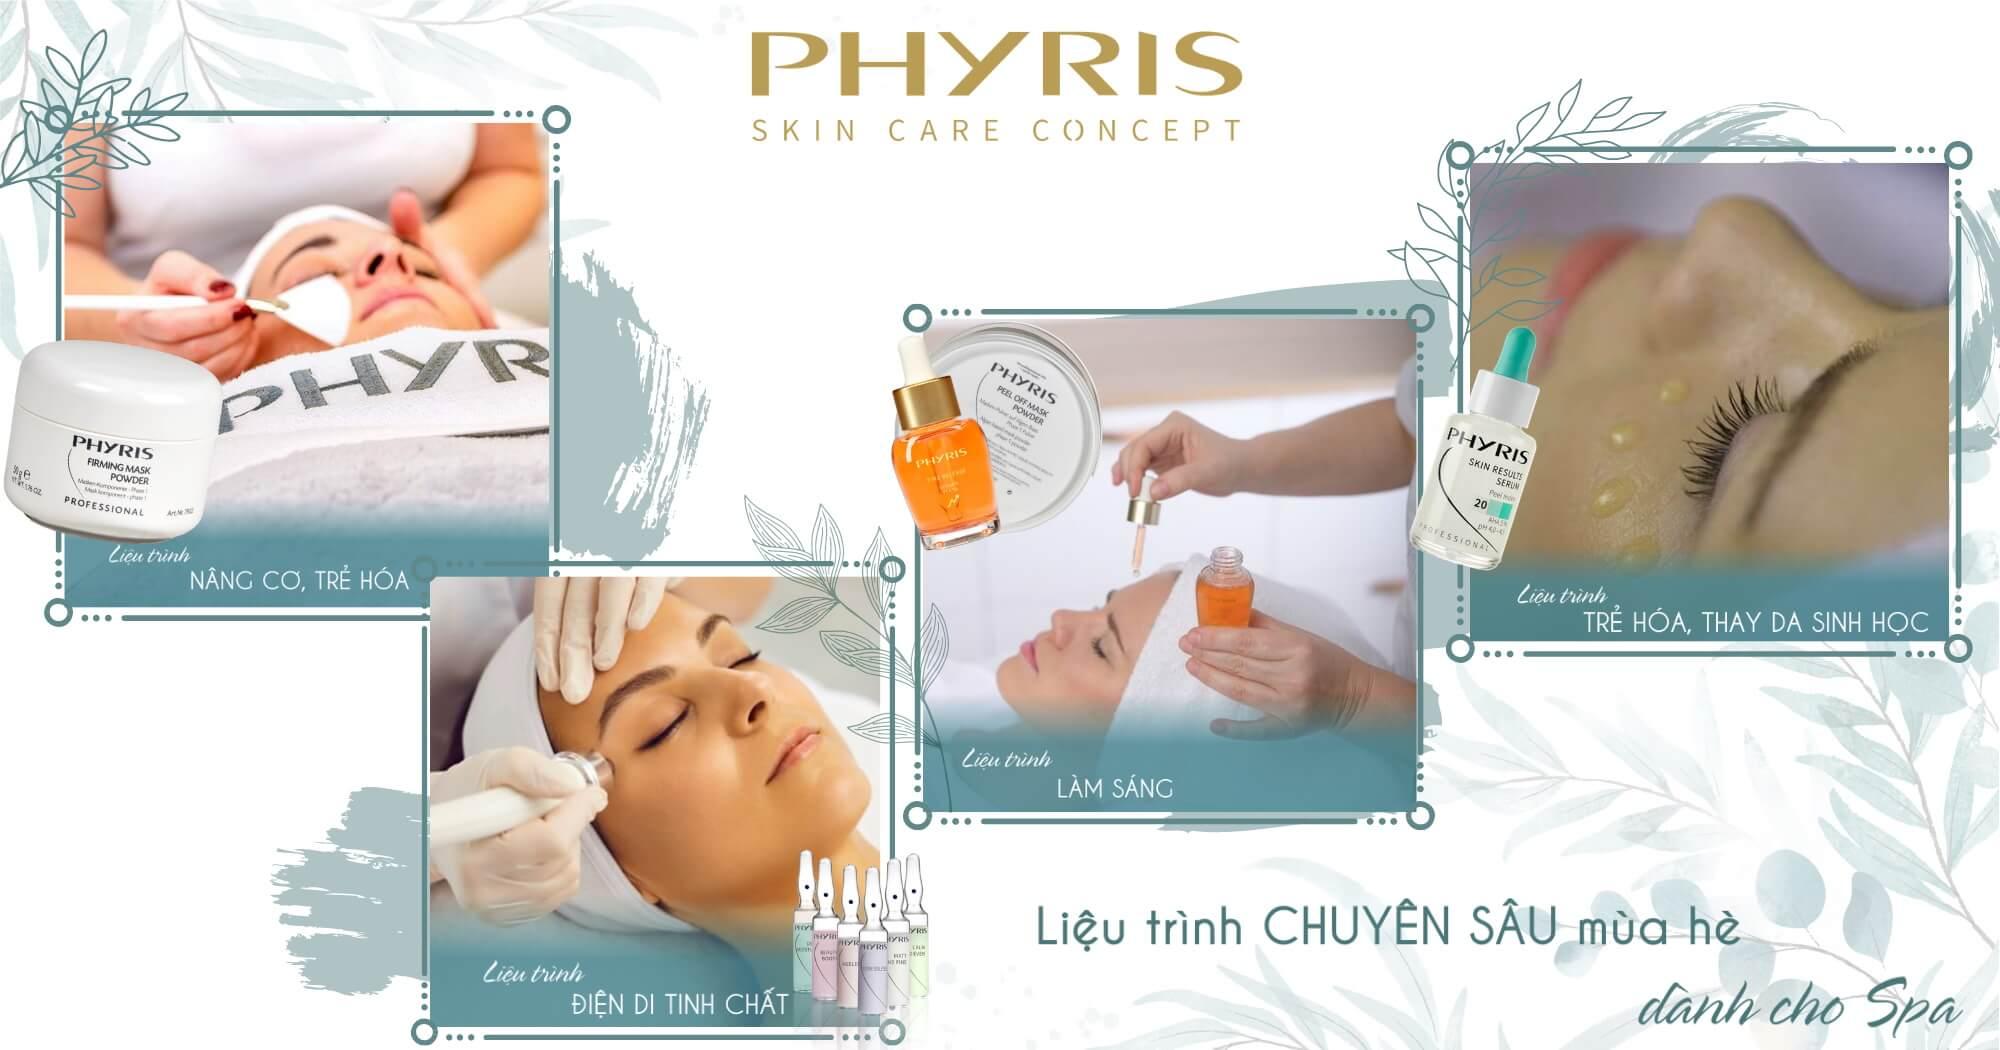 Các sản phẩm PHYRIS đều có thể áp dụng vào các Liệu trình Chăm sóc da hiện đại.